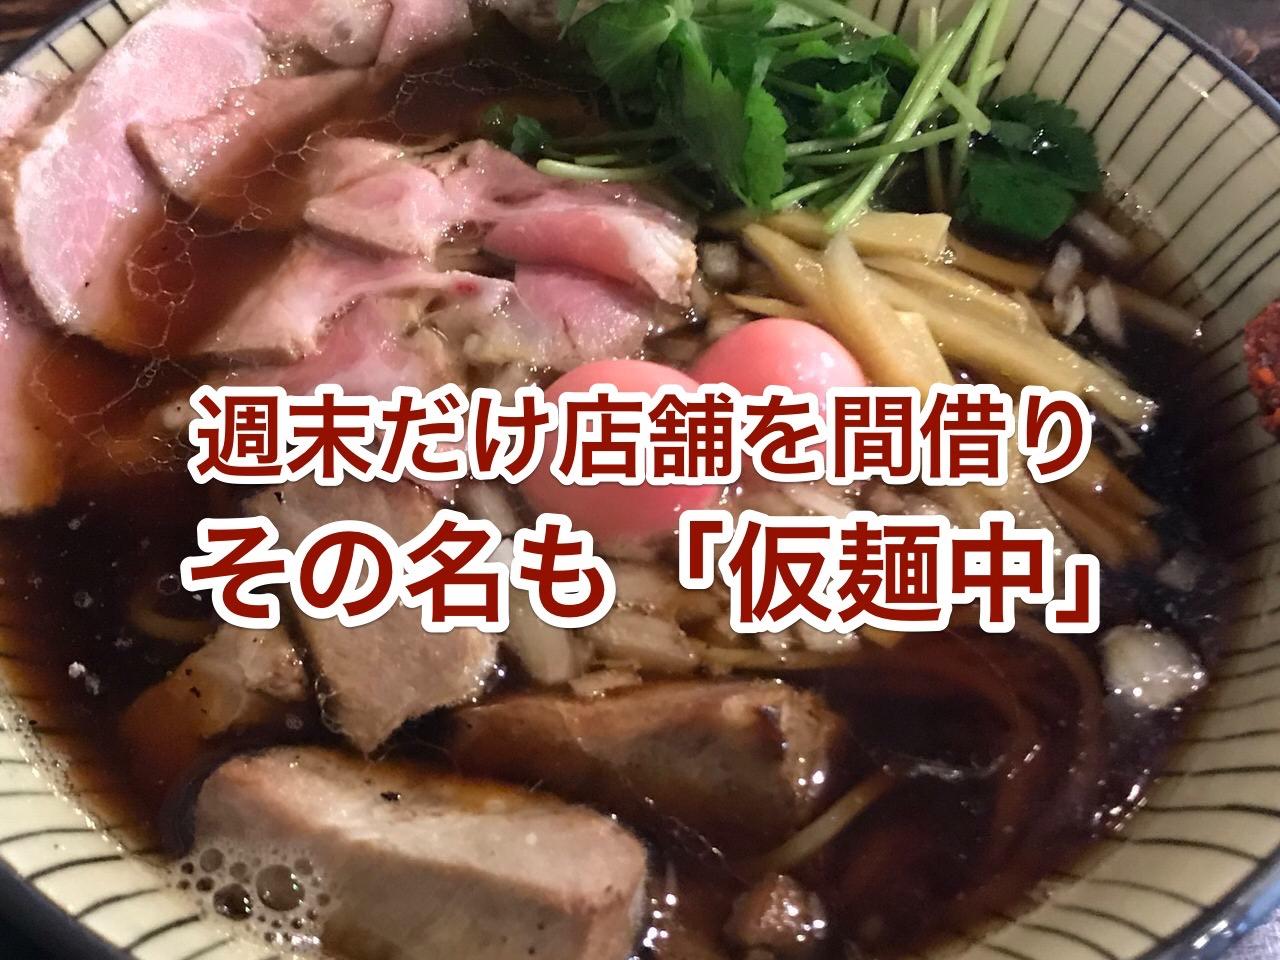 「仮麺中(浦和)」ラーメンフリークによる週末ランチ限定の間借りラーメン店